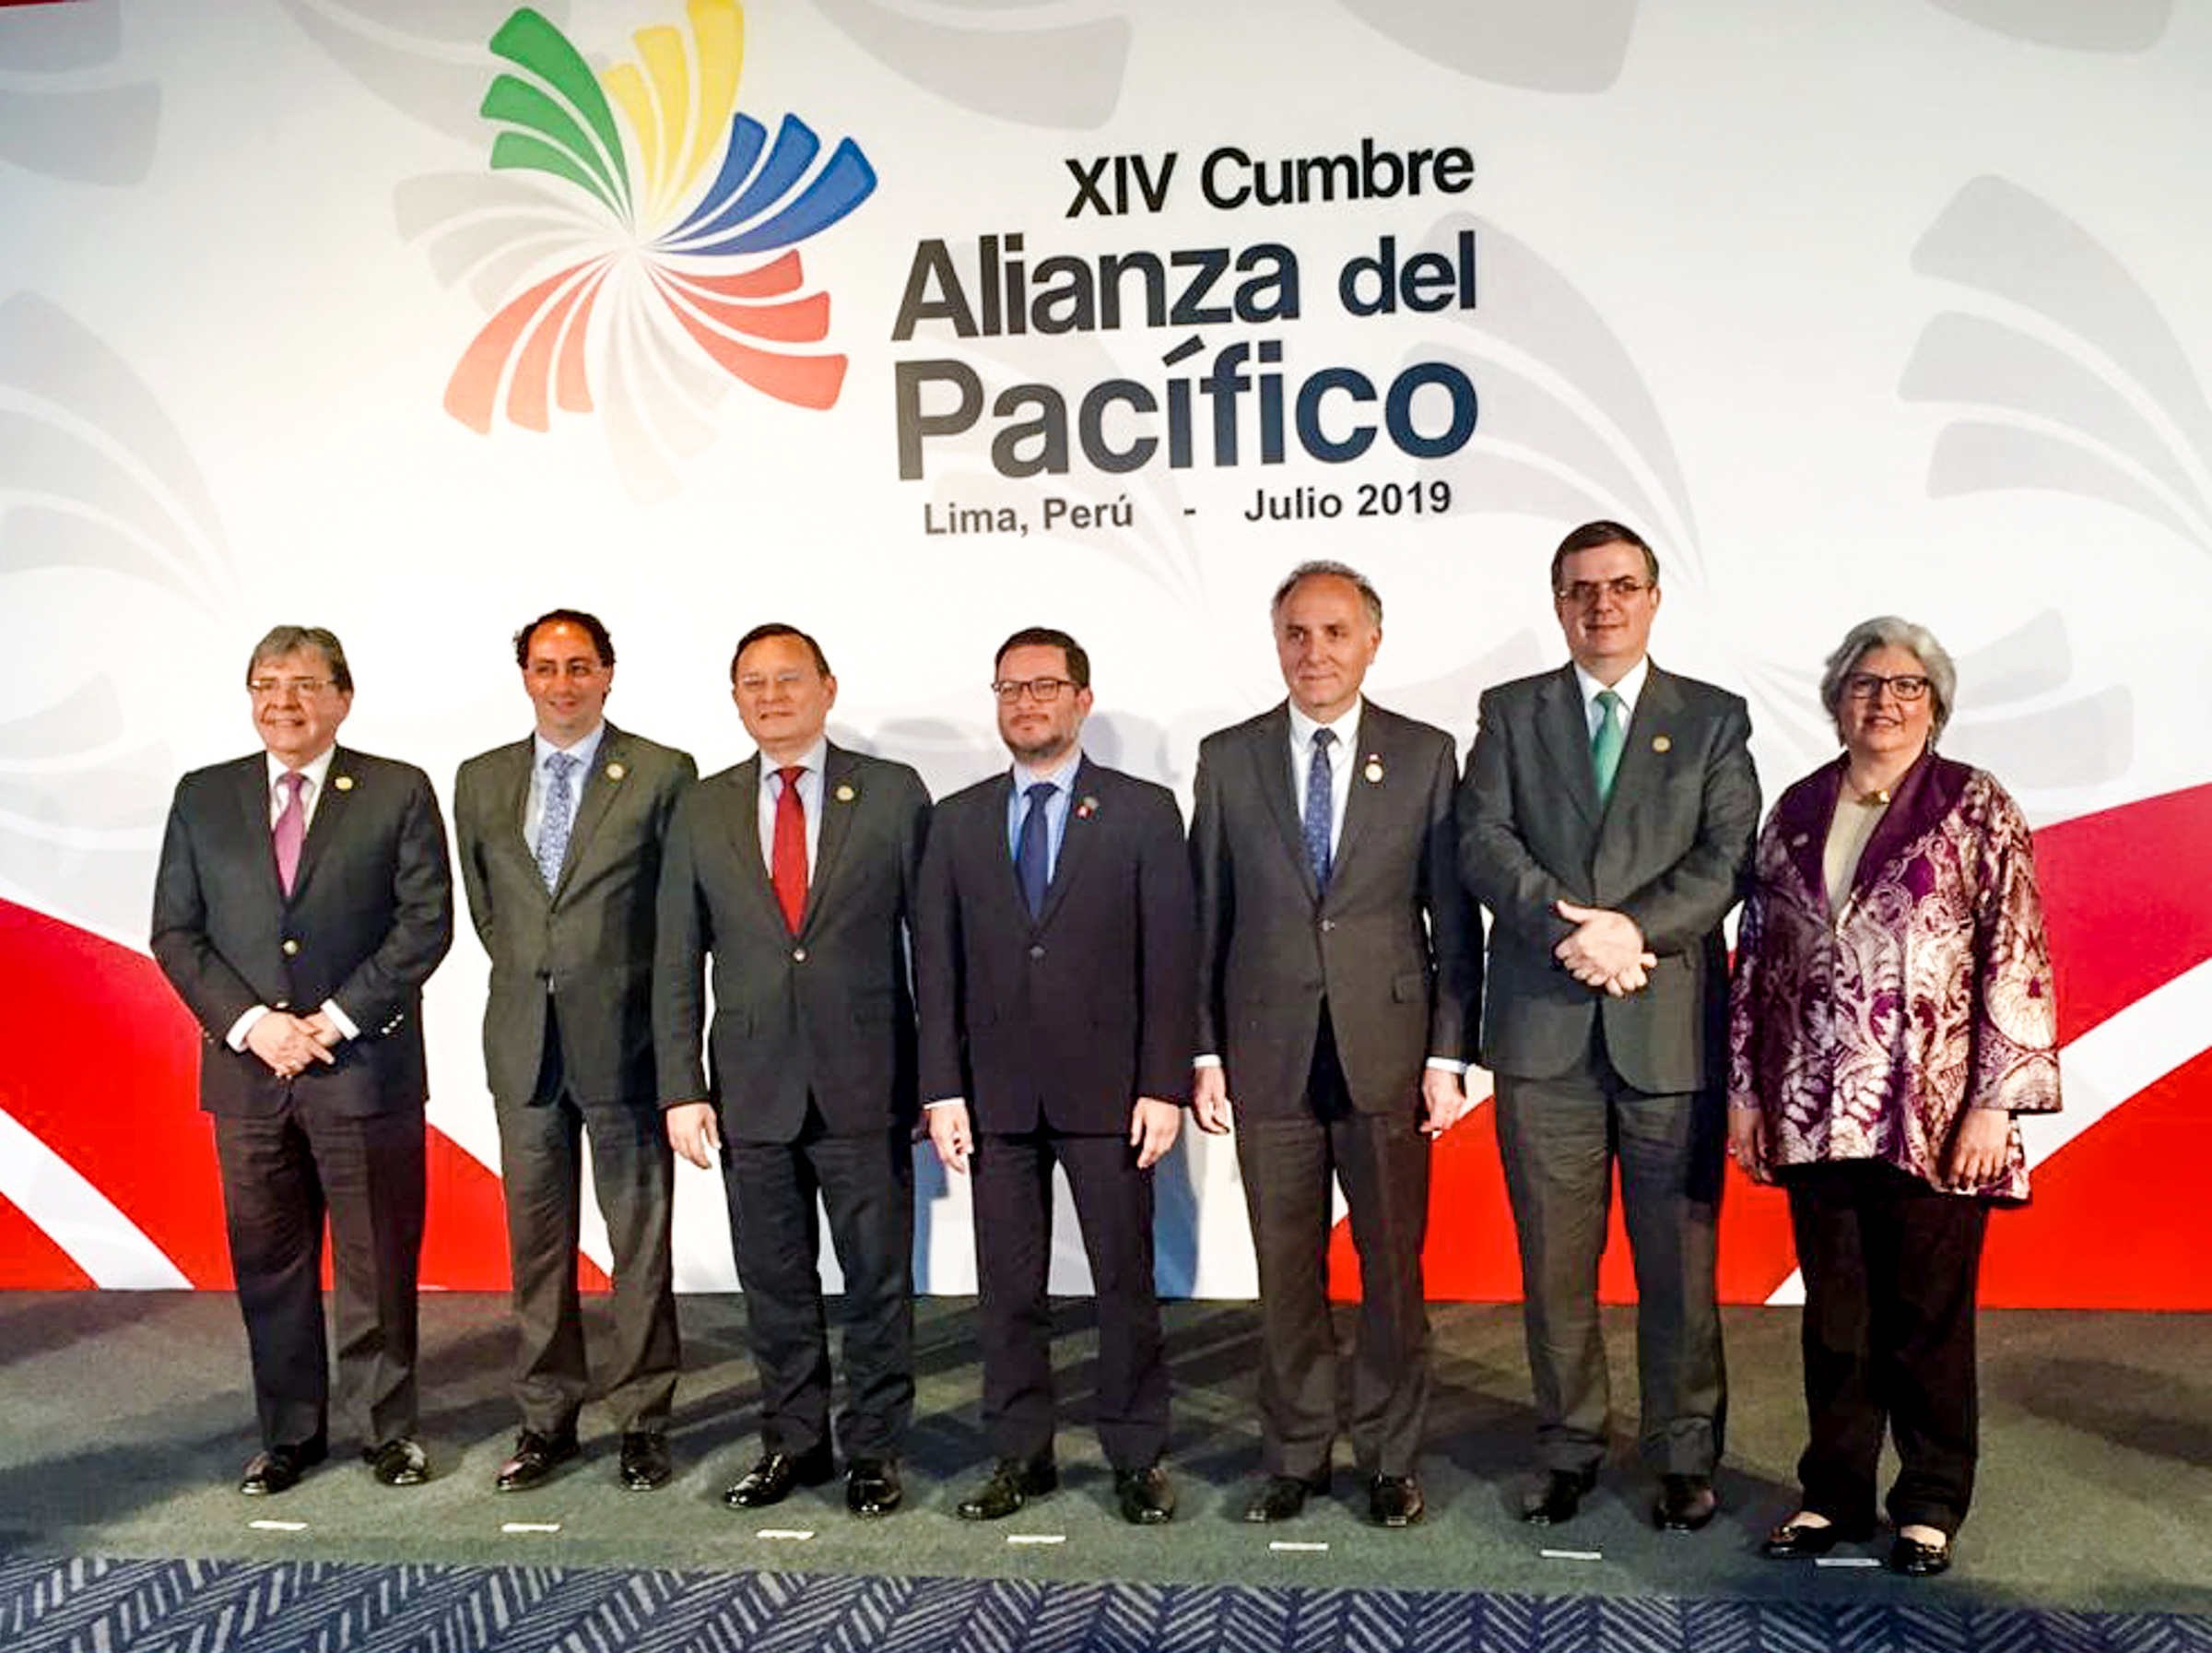 Alianza del Pacífico, Perú 2019